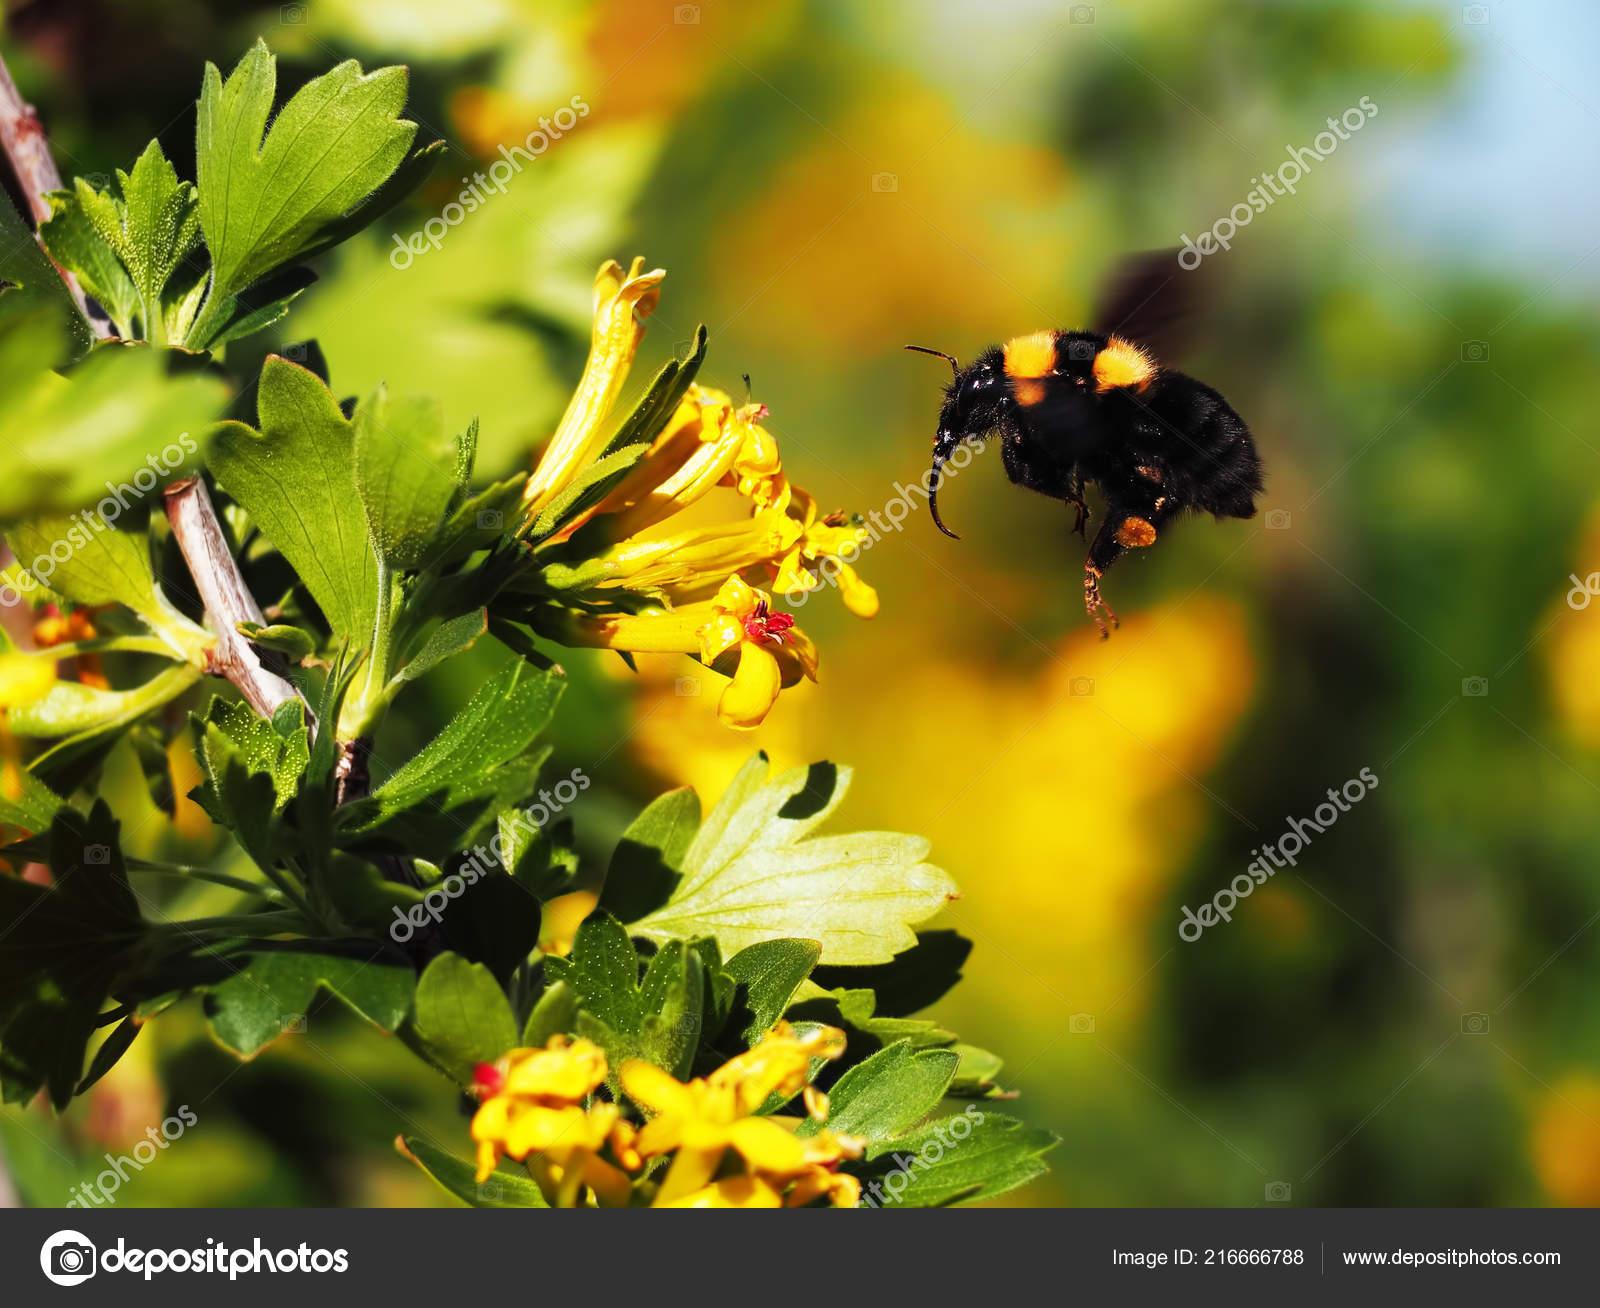 Hummel Gross Nach Der Gelben Blume Garten Fliegen Stockfoto